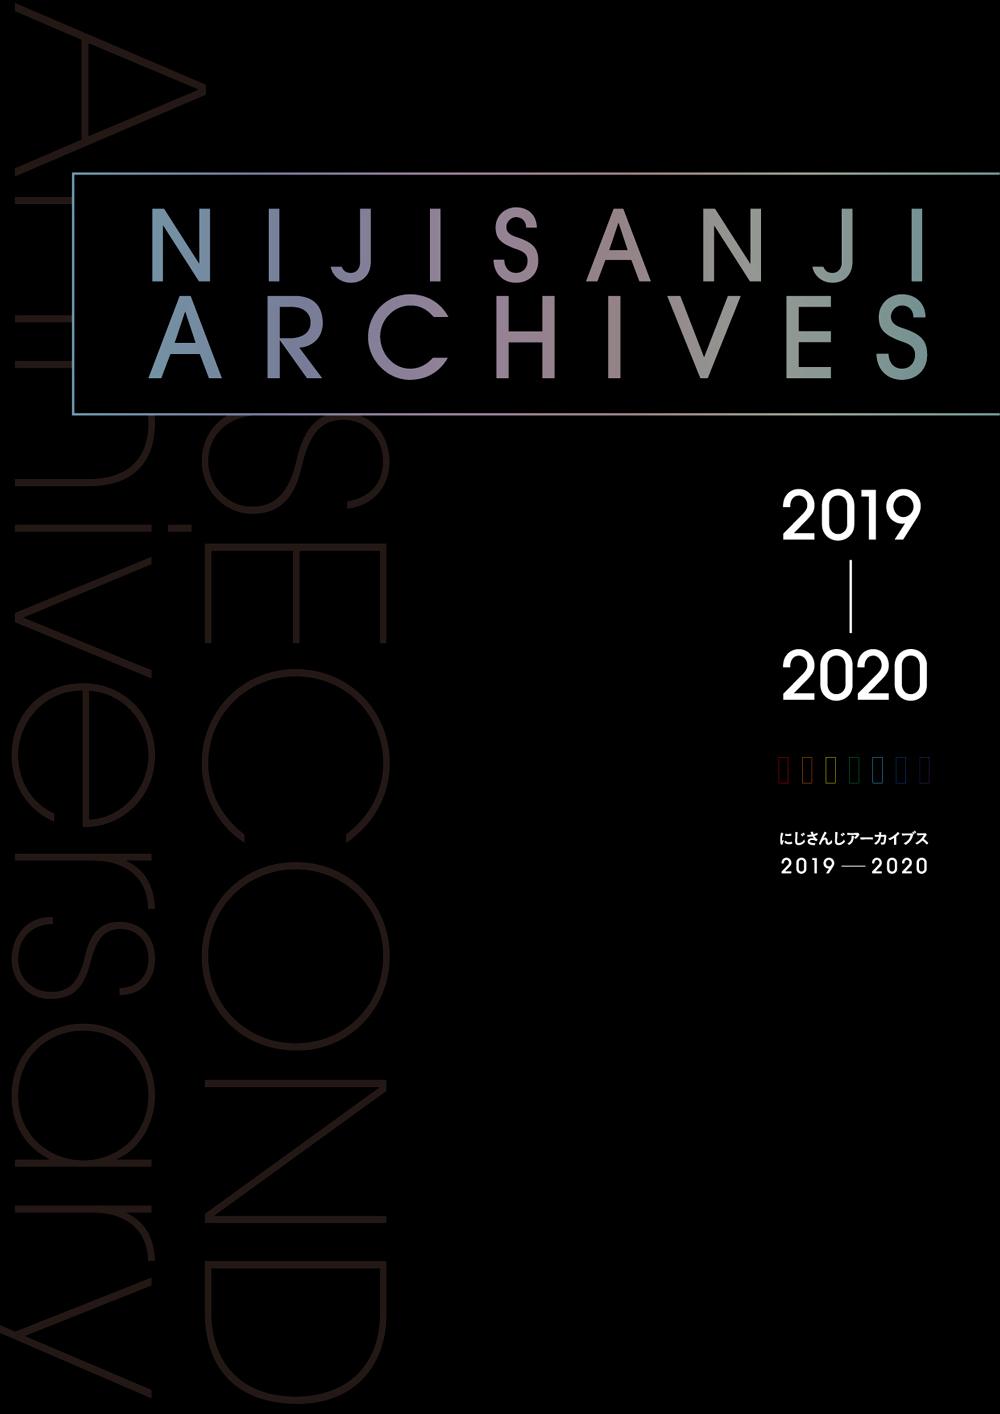 にじさんじアーカイブス 2019-2020